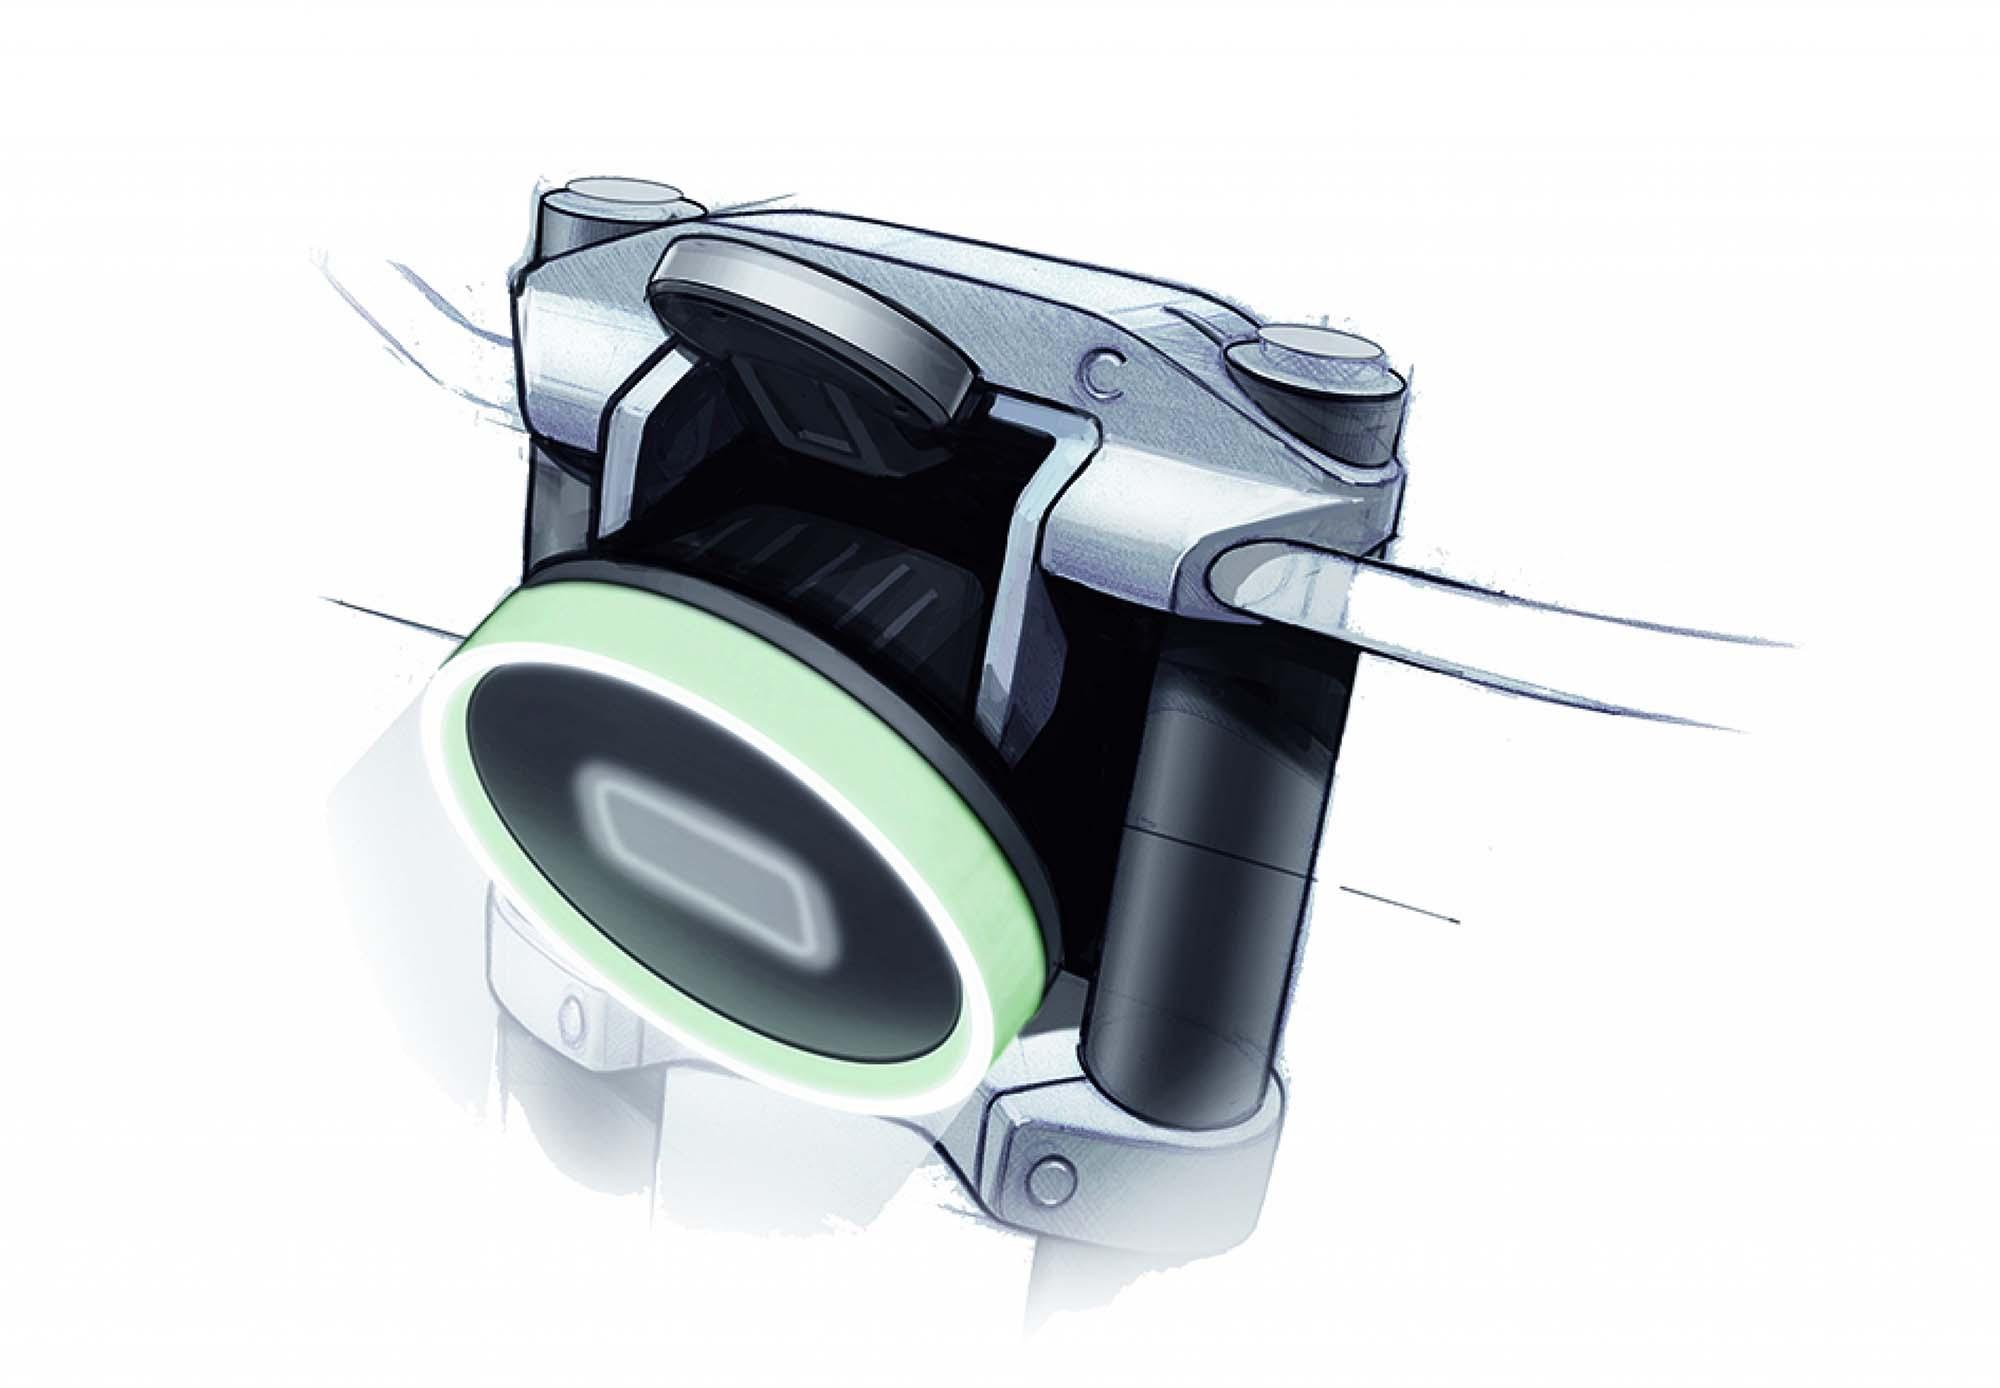 Husqvarna 401 Vitpilen Concept Asphalt Amp Rubber